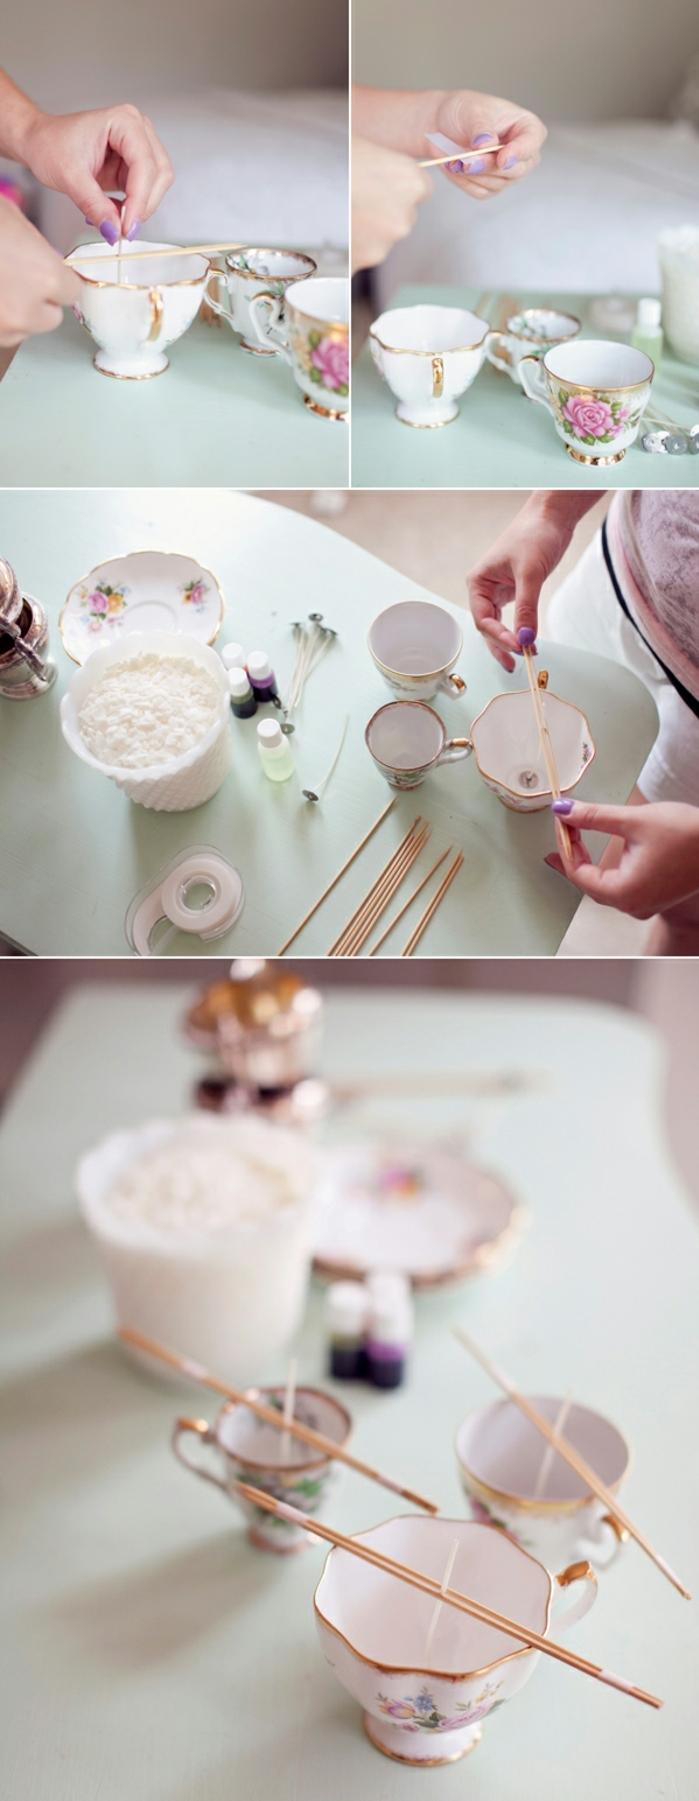 cadeau fête des mères à fabriquer, fixer la mèche des bougies diy avec des baguettes en bois, tutoriel pour fabriquer des bougies